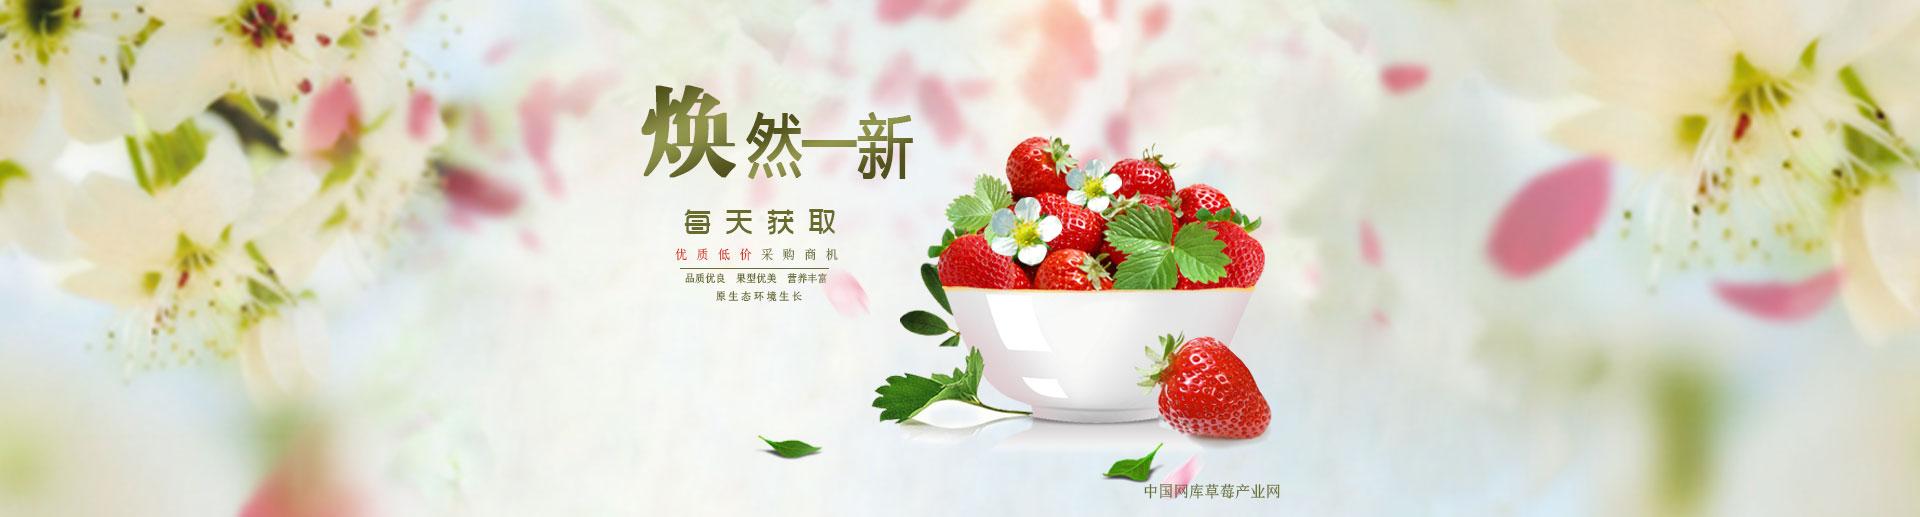 草莓产业网